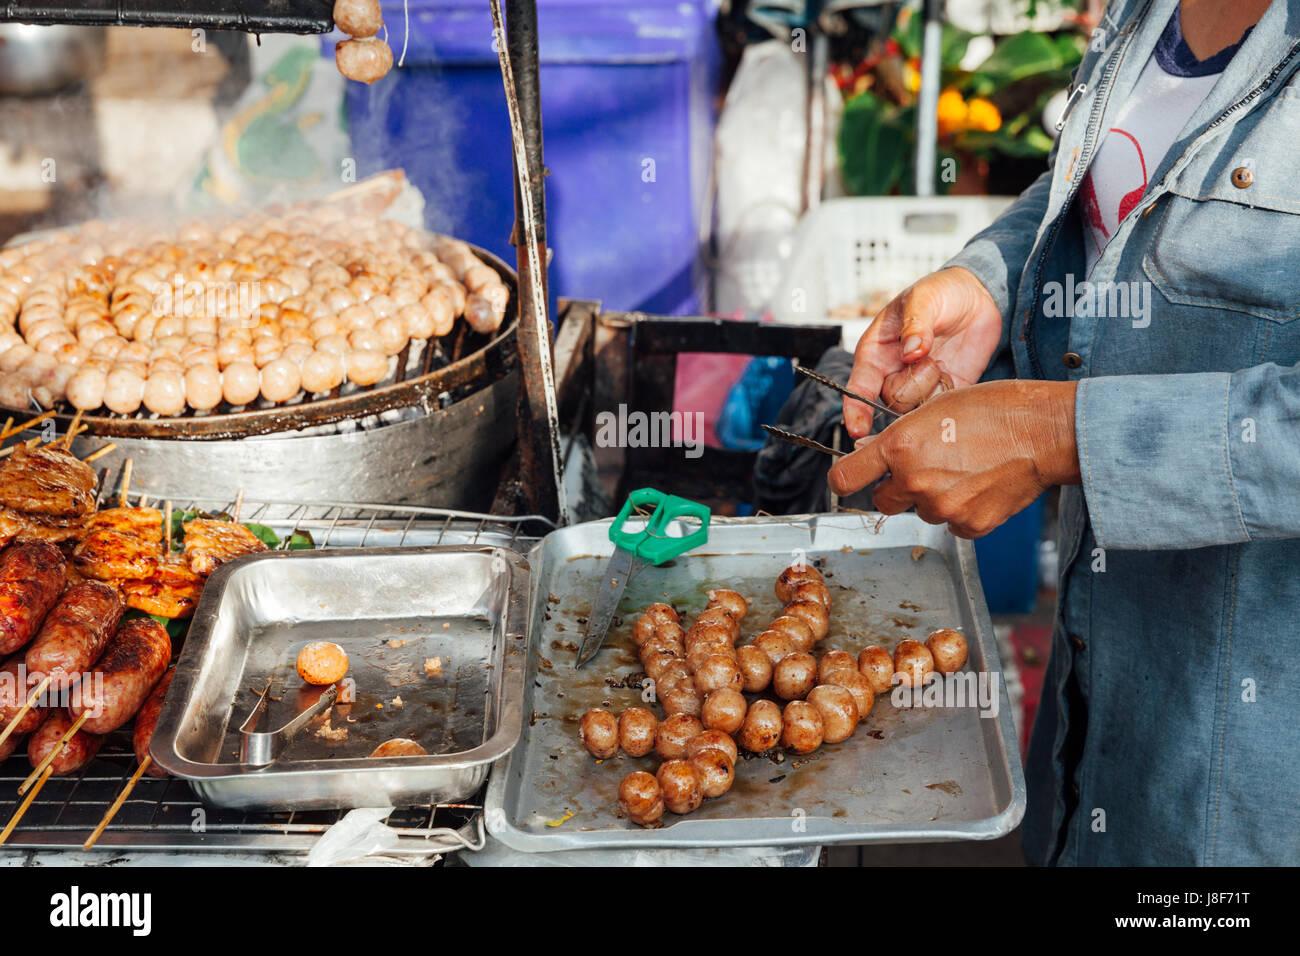 CHIANG MAI, Thailandia - 21 agosto: tailandese donna polpette di cuochi presso il mercato della domenica (walking Immagini Stock